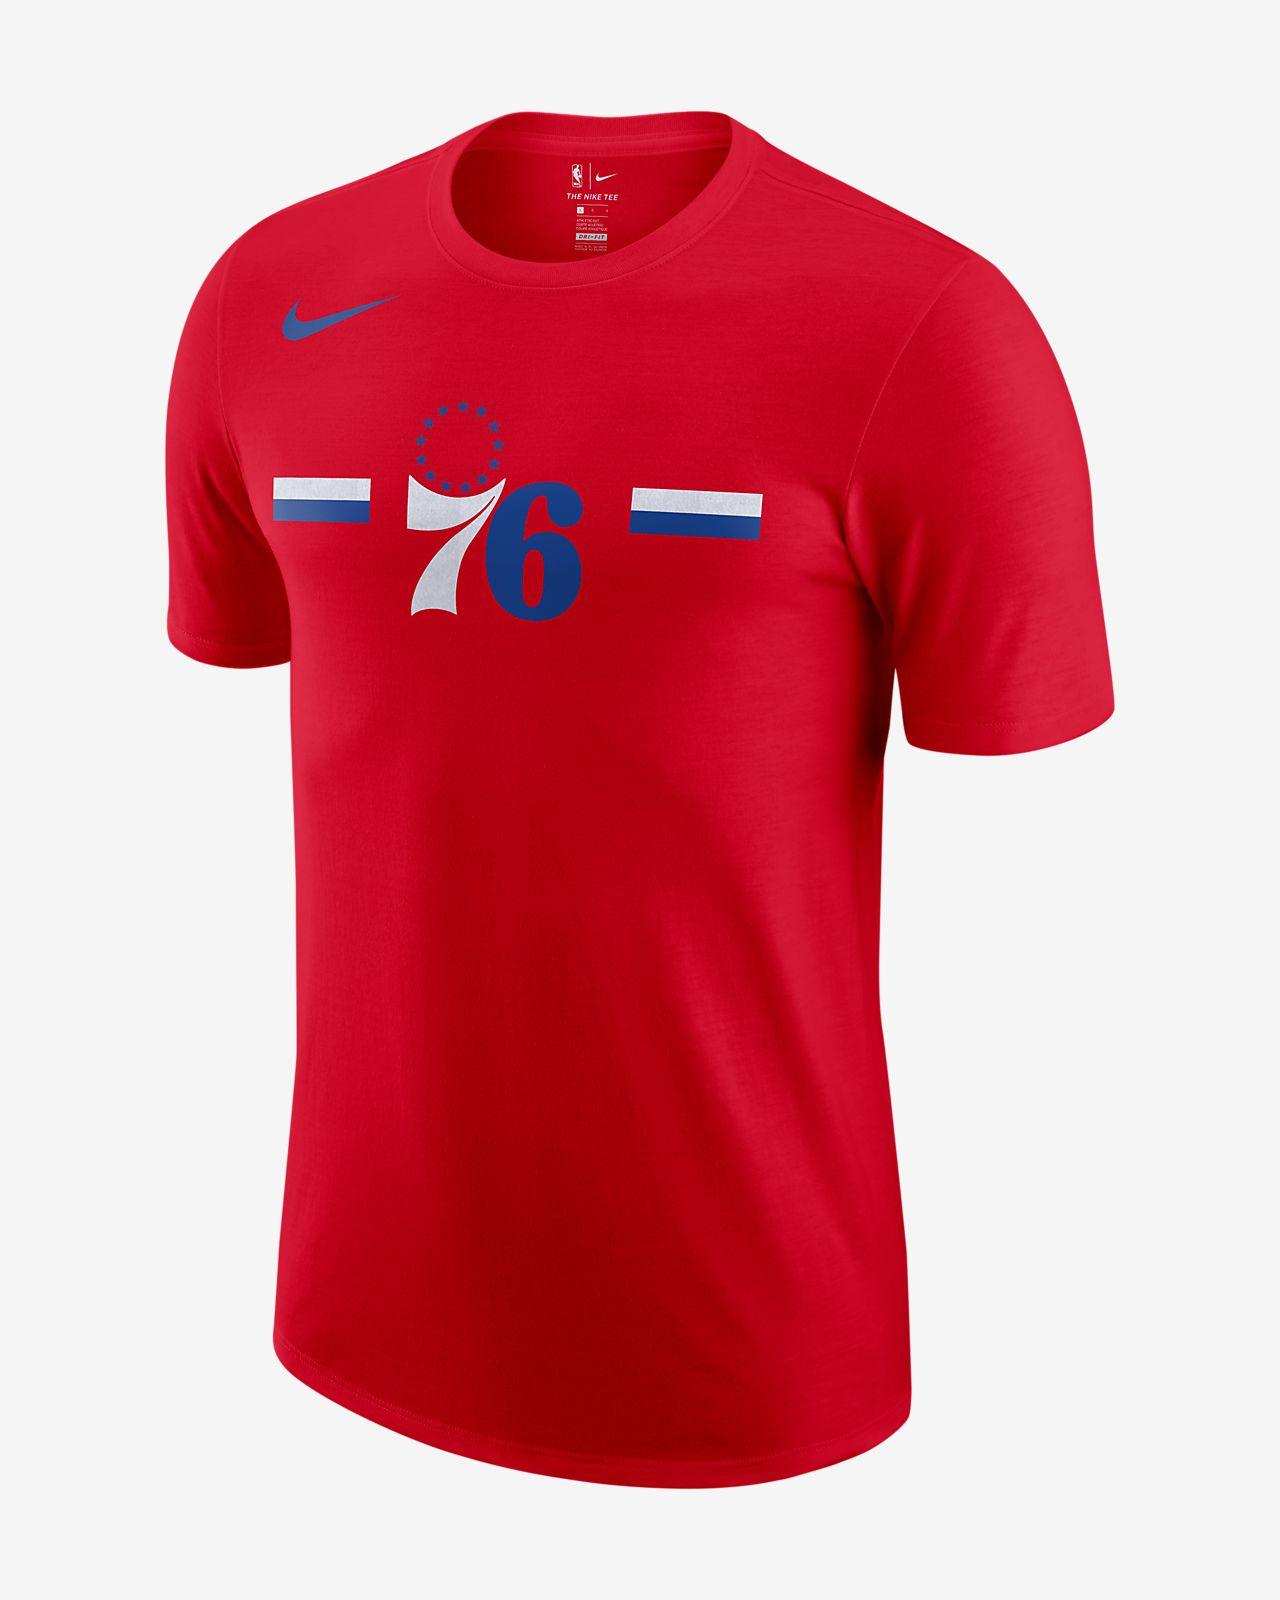 9a35275bc59 Philadelphia 76ers Nike Dri-FIT Men s NBA T-Shirt. Nike.com